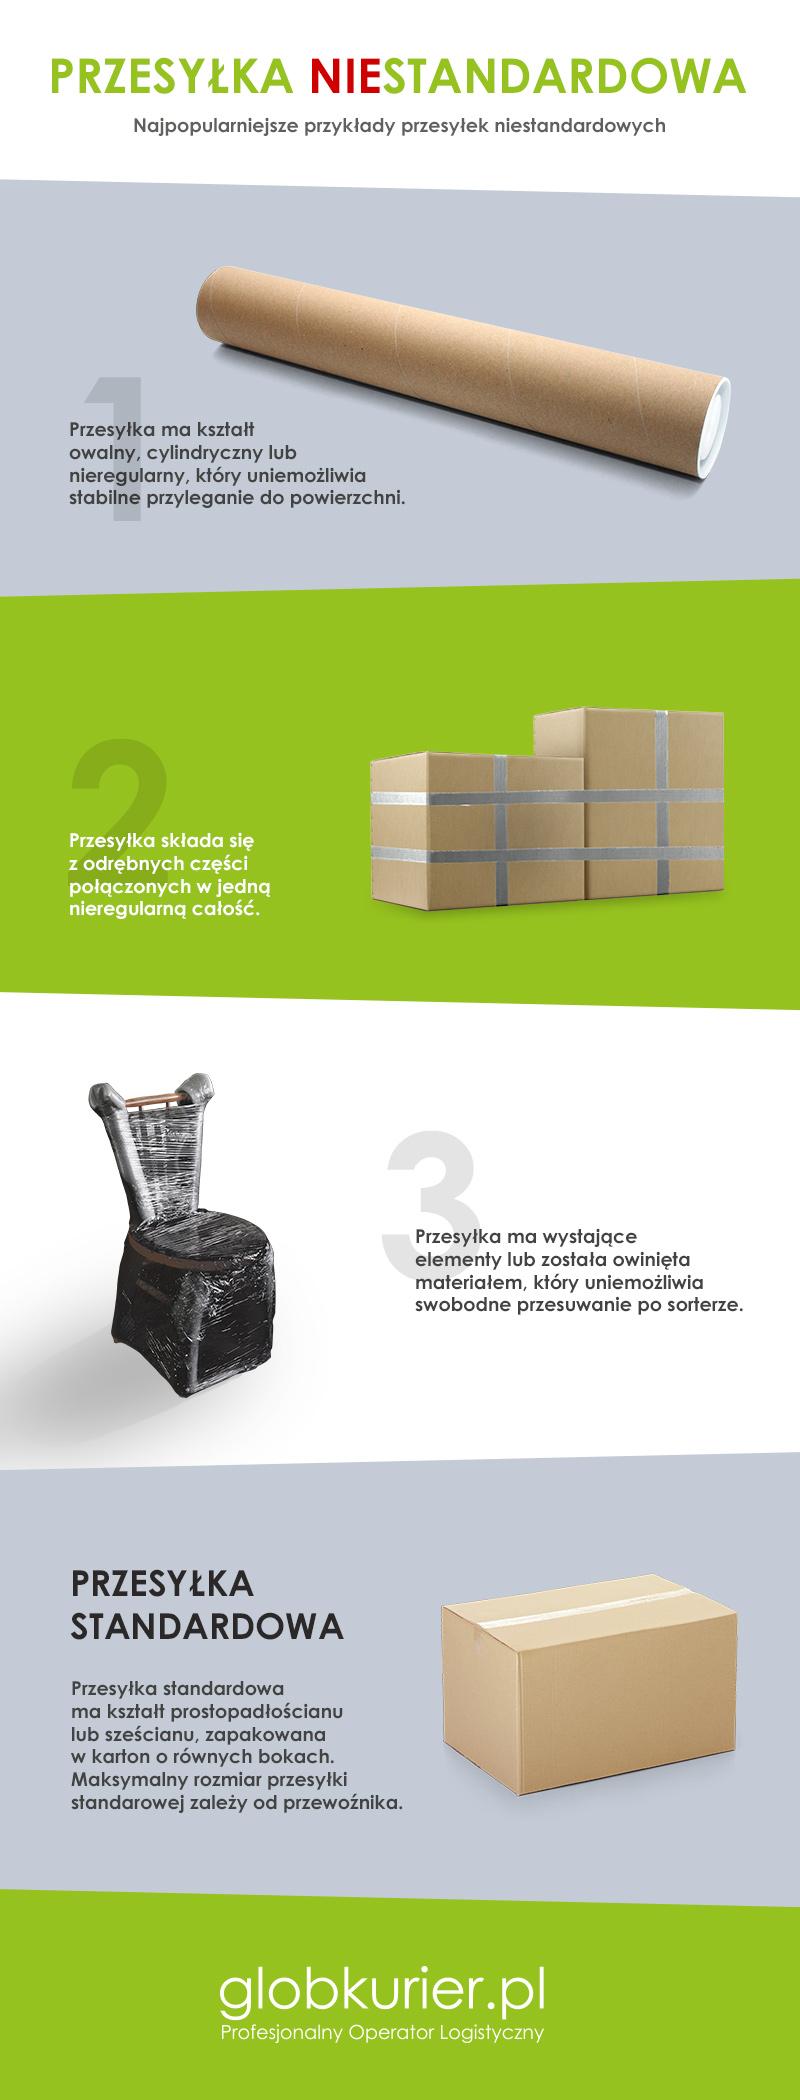 Przesyłka niestandardowa - przykładowe przesyłki niestandardowe